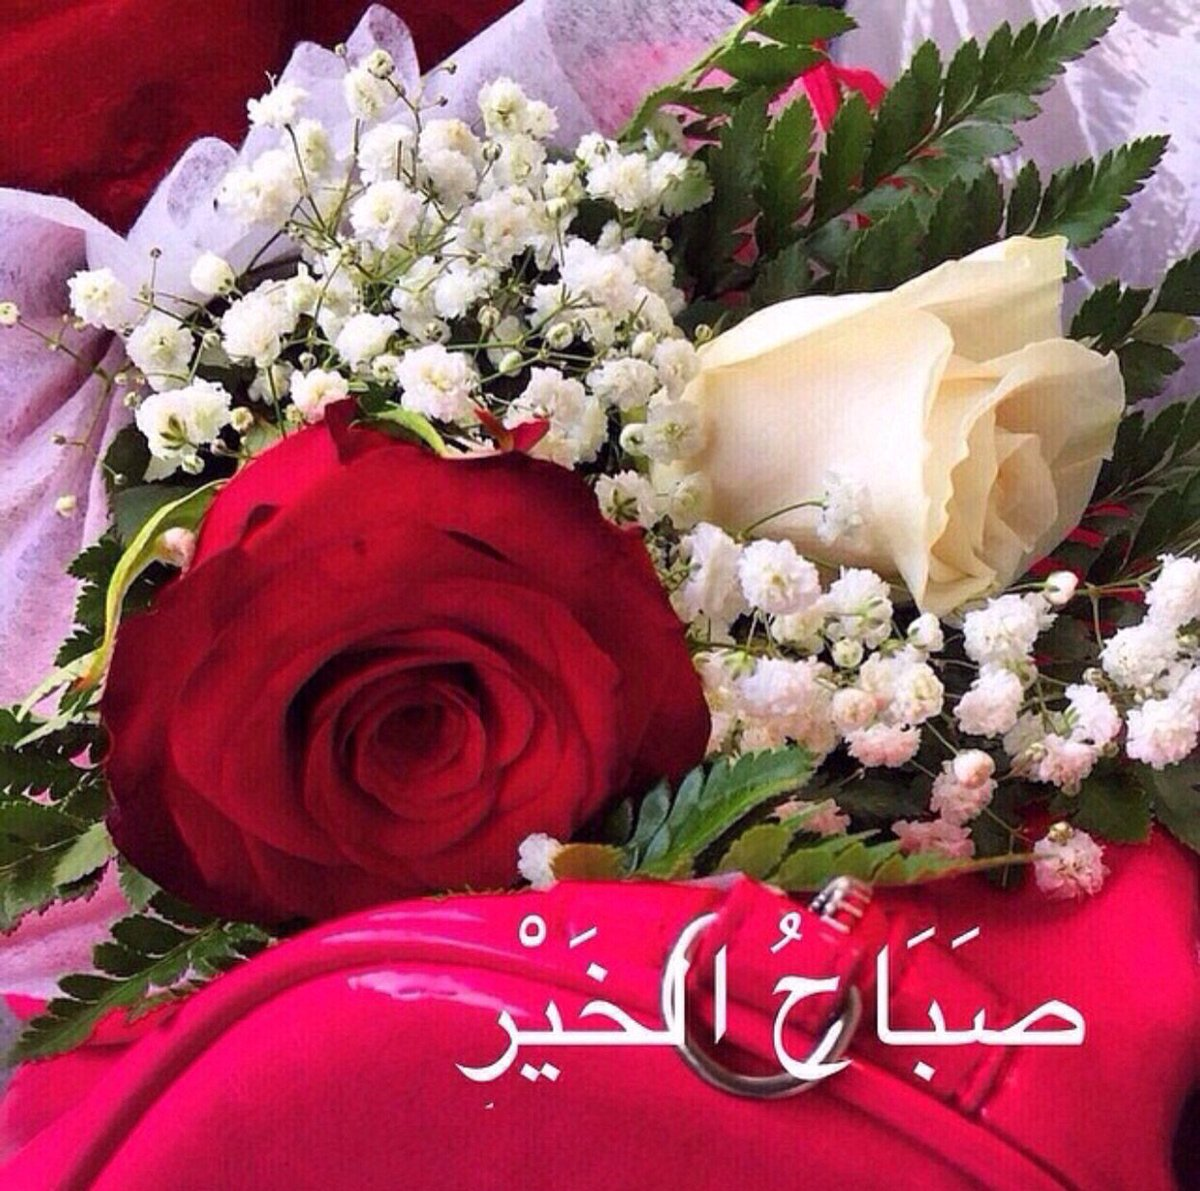 صورة صباح الخير زهور , صور ورود جميلة مكتوب عليها صباح الخير 11726 2